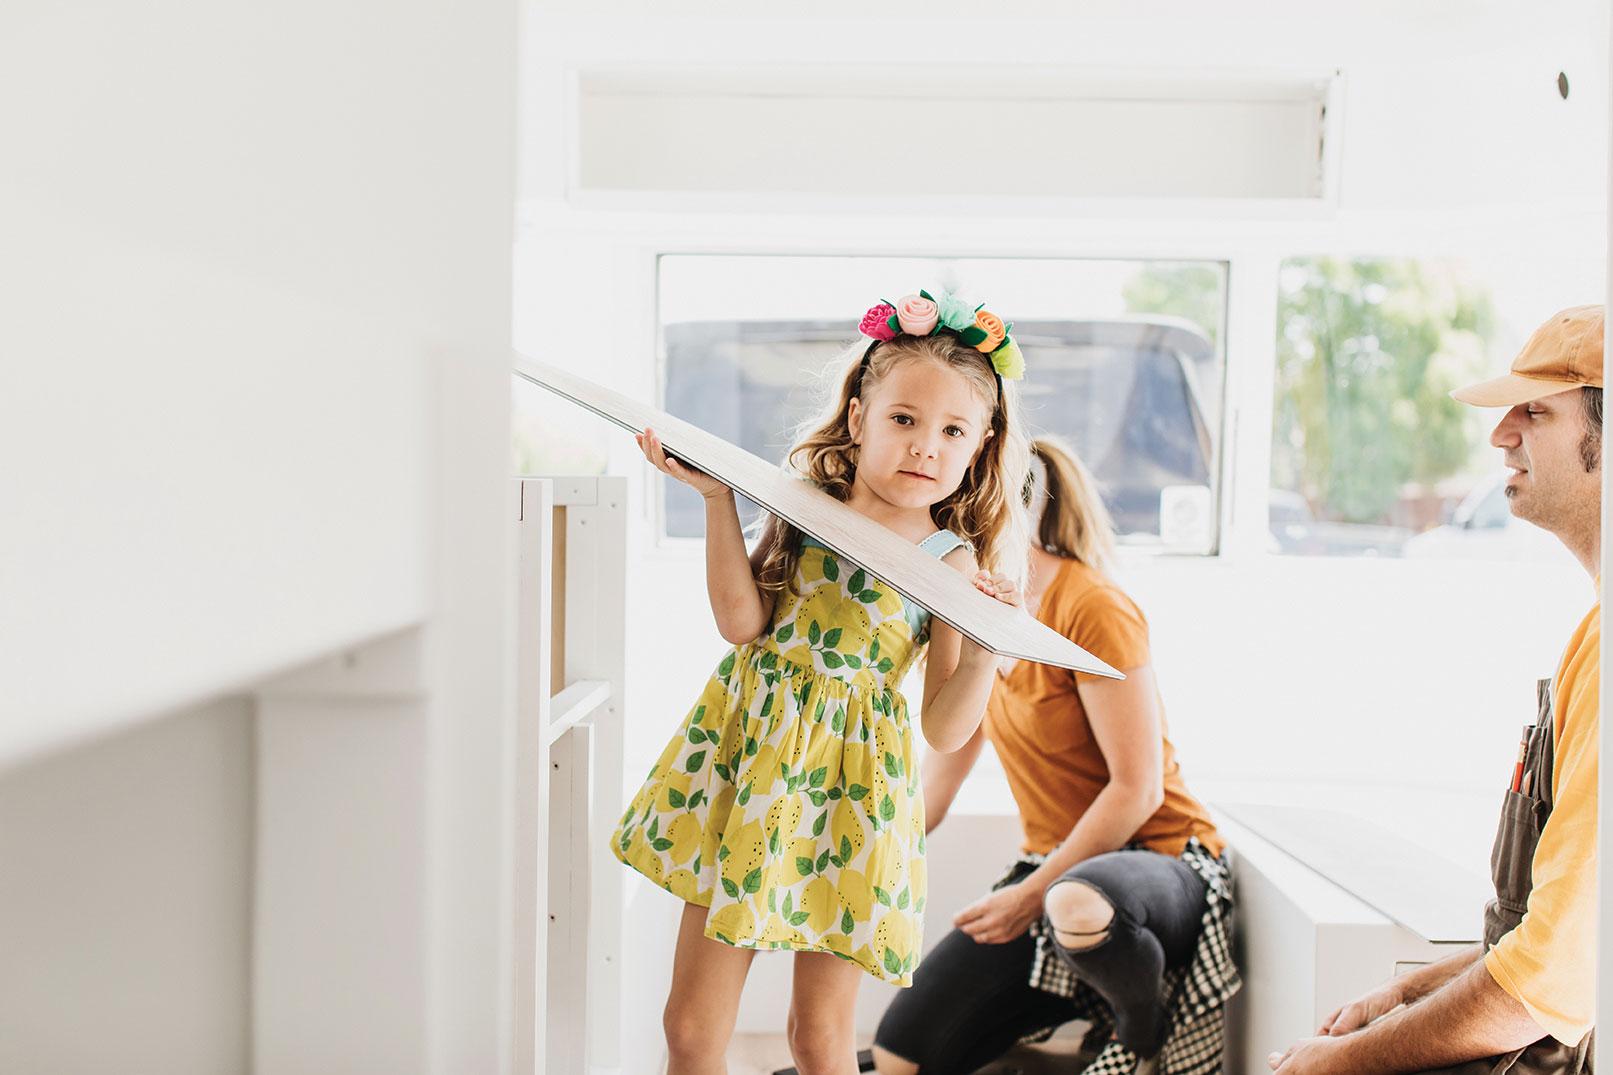 flooring installation vintage Argosy trailer remodel with kids